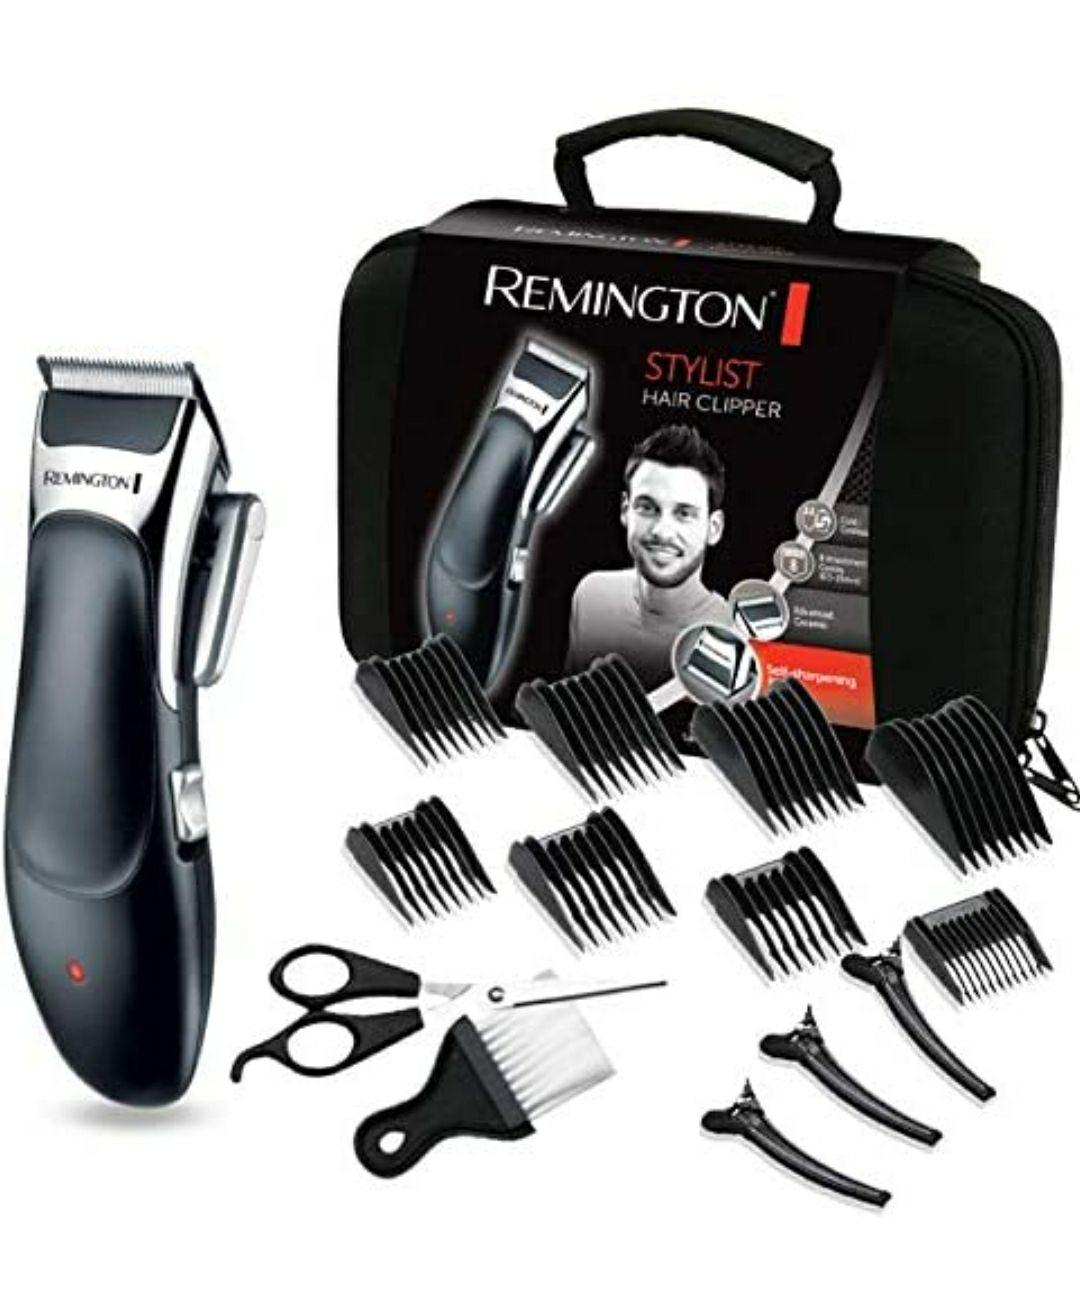 Maquina de cortar pelo profesional Remington